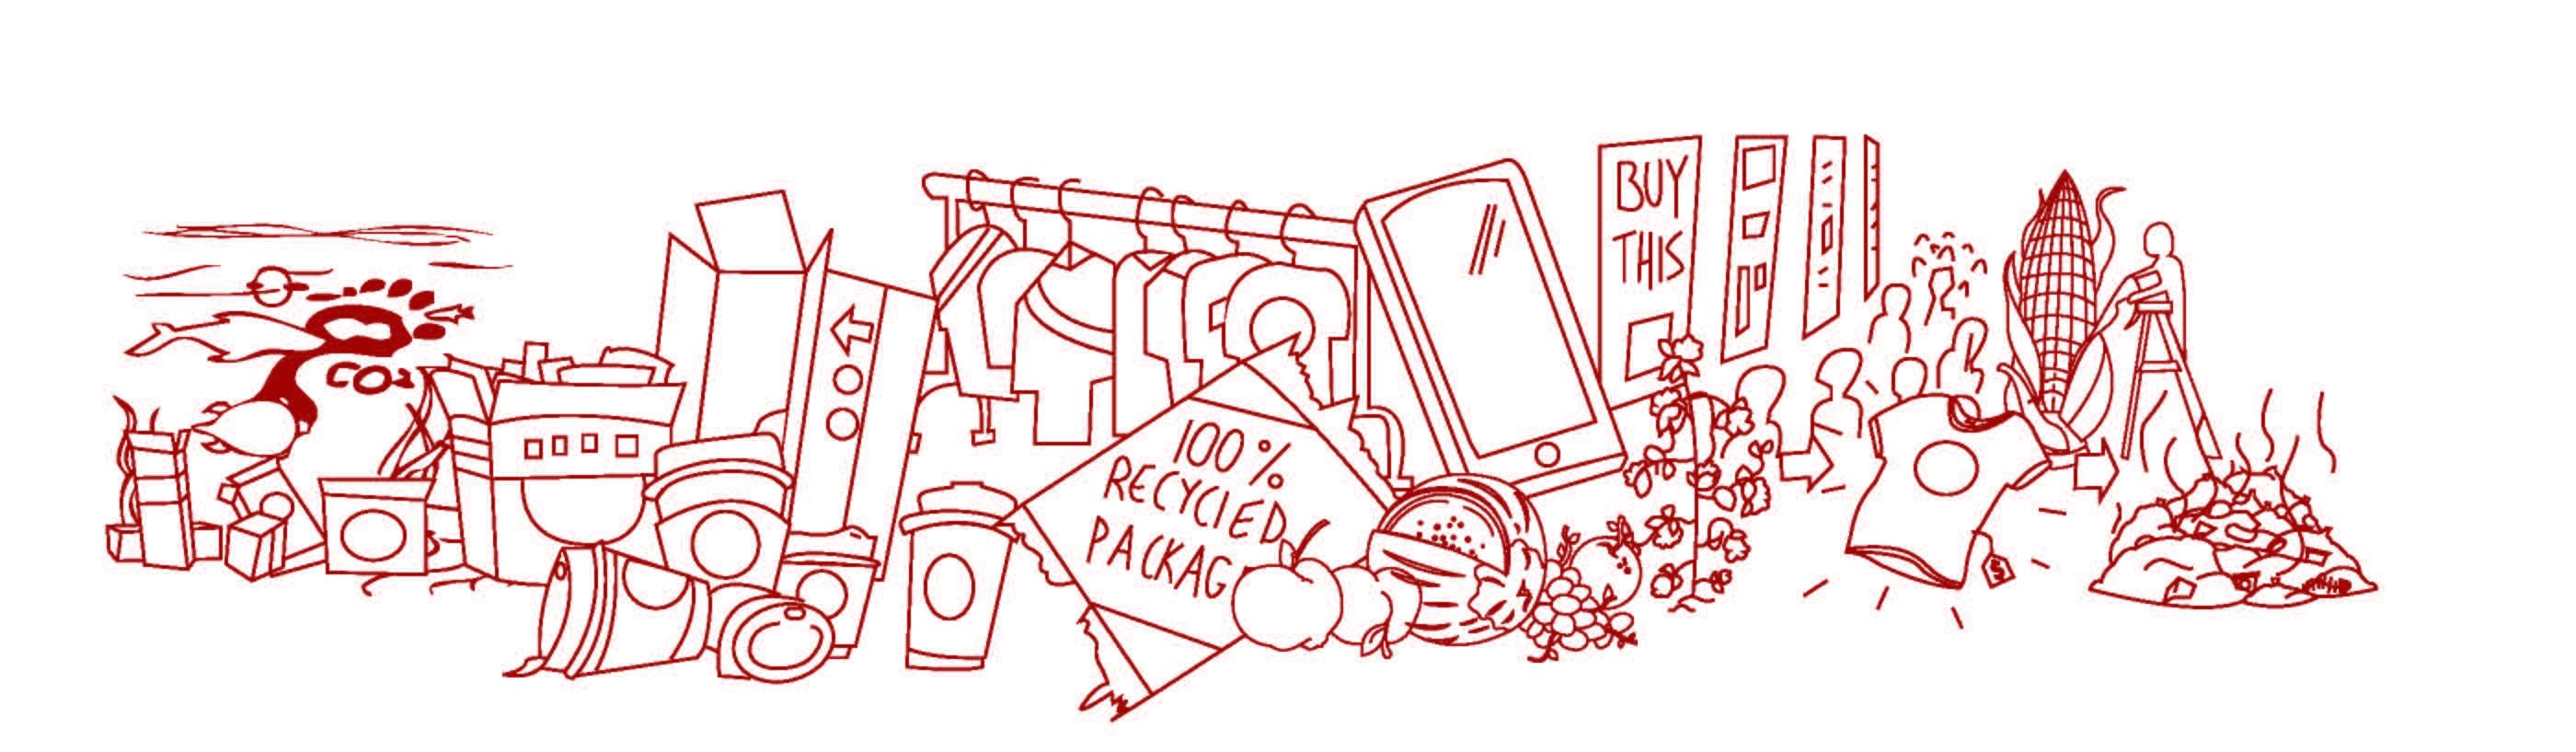 consumption_header.eh.jpg